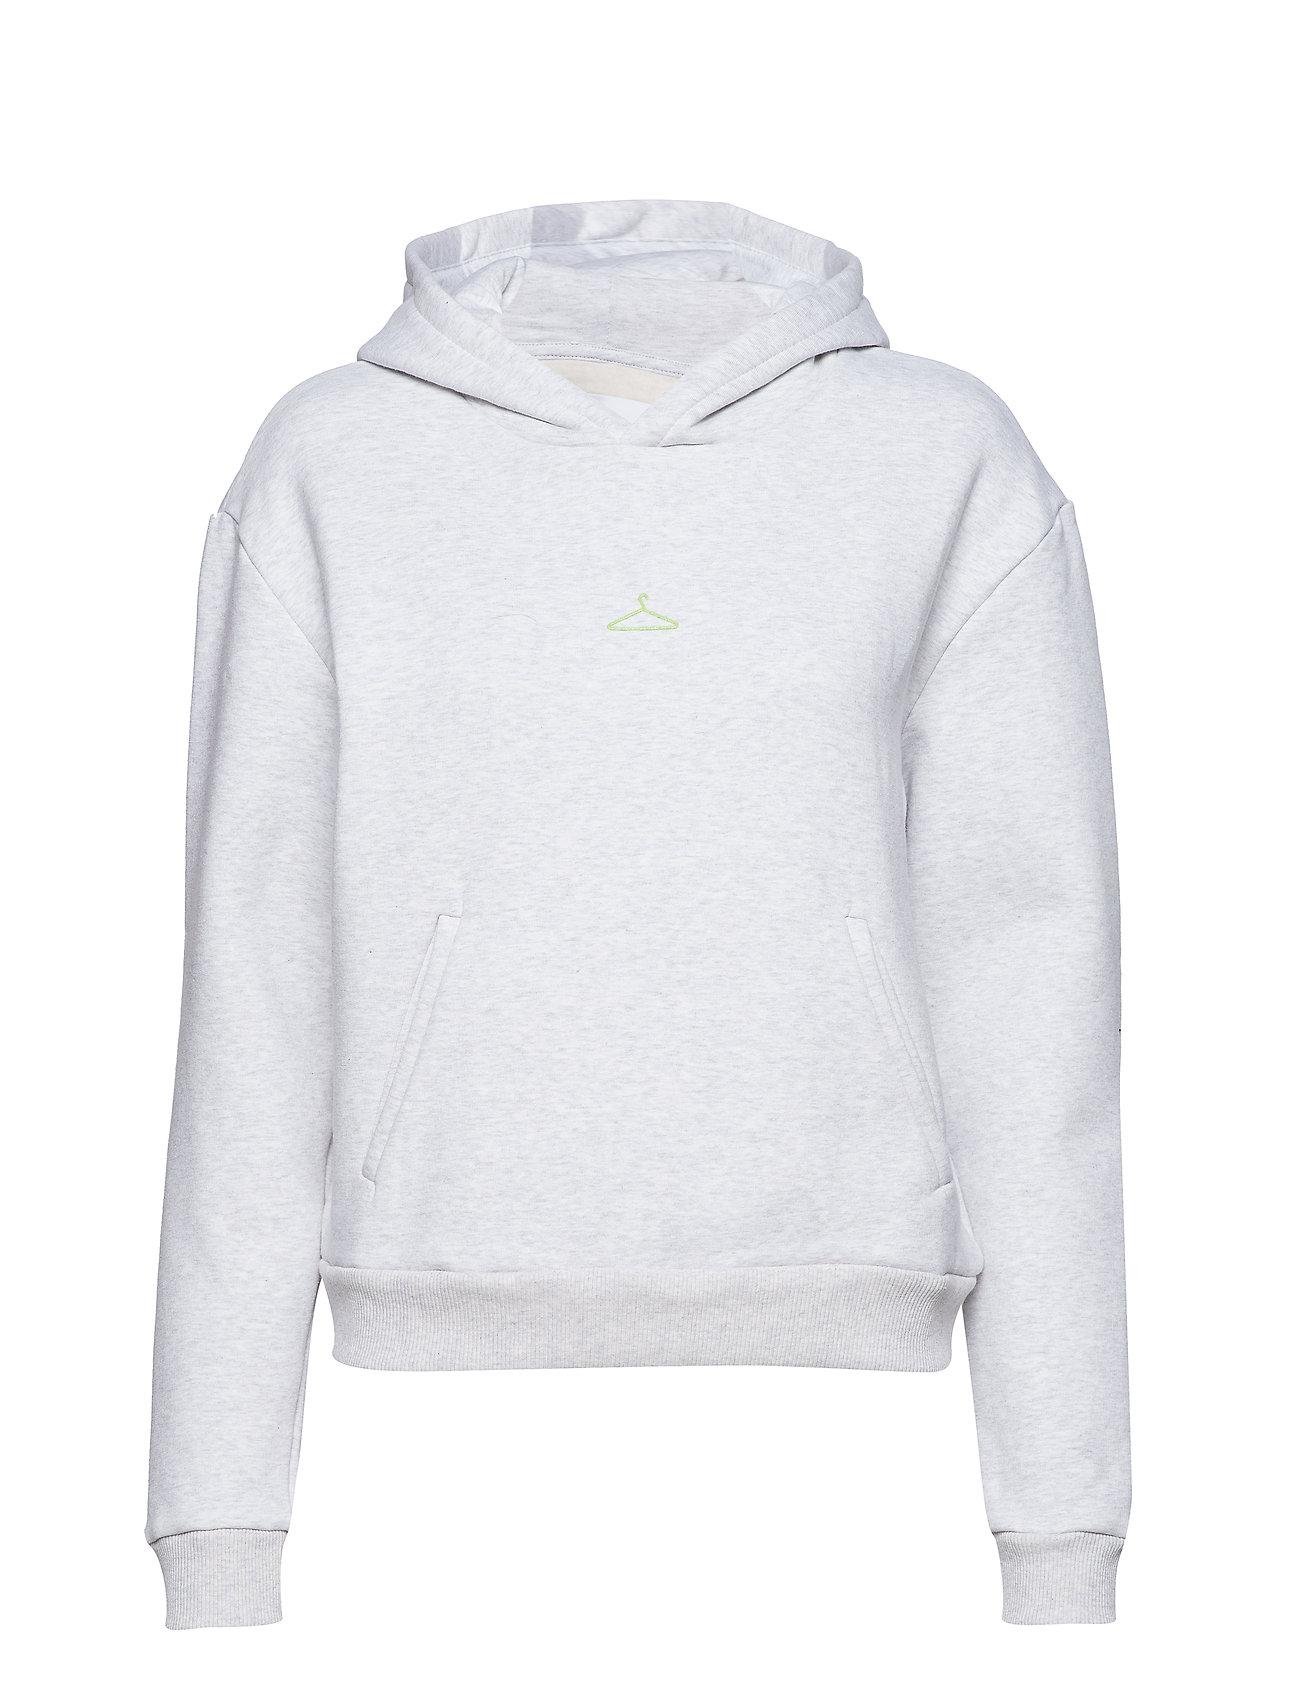 Köp märkeskläder från HOLZWEILER på premiumklader.se